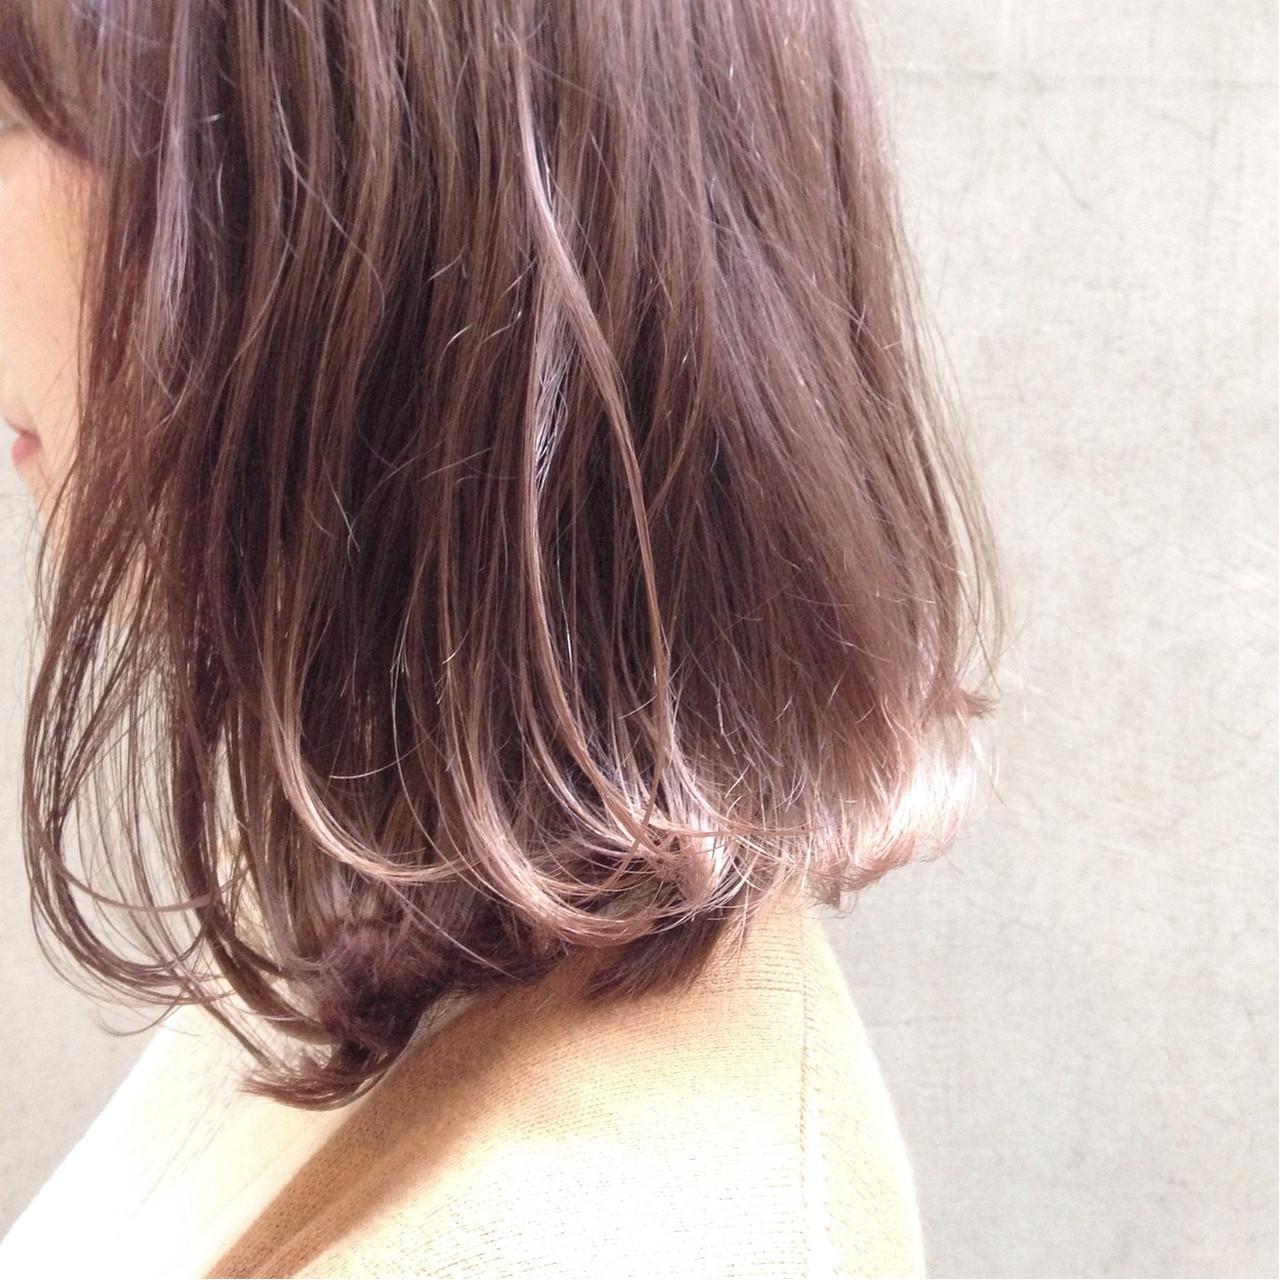 アウトドア フェミニン 簡単ヘアアレンジ デート ヘアスタイルや髪型の写真・画像 | 丸山 勇人 / Tierra (ティエラ)